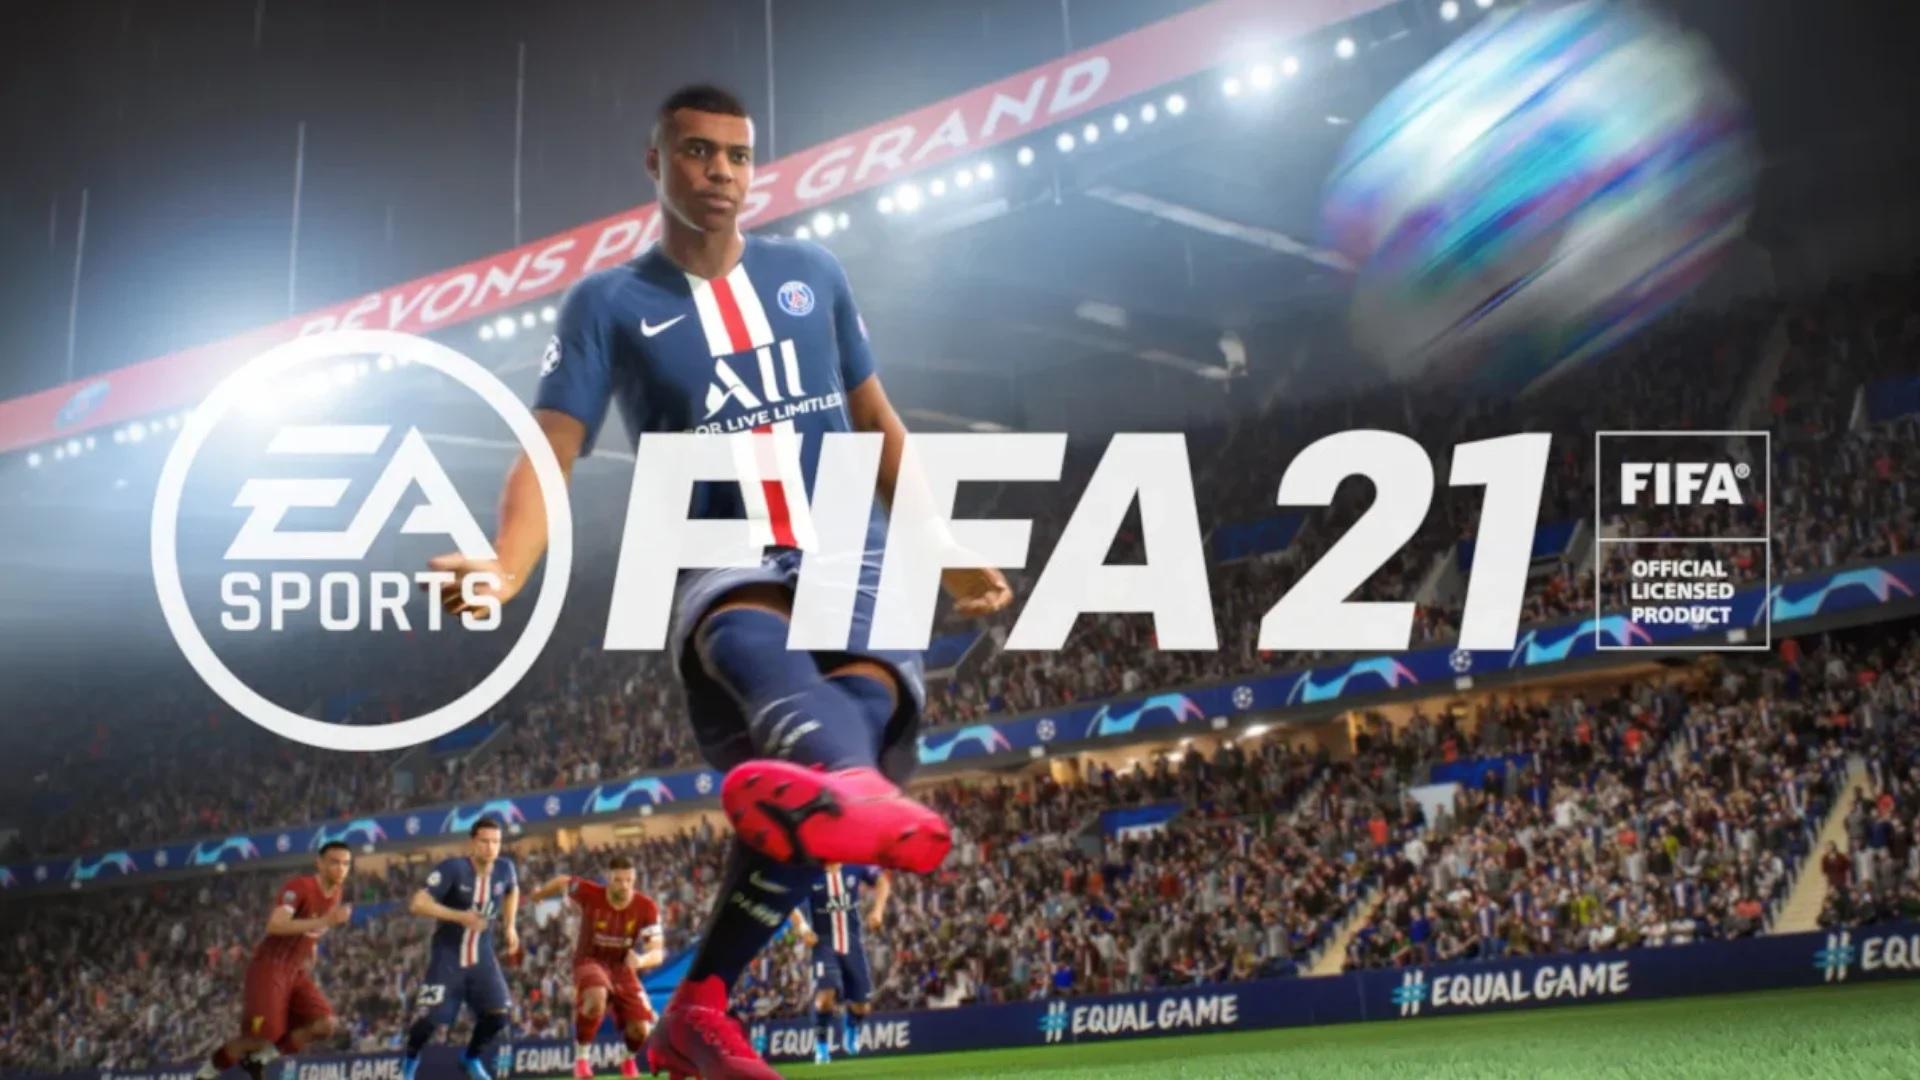 El FIFA 21 llega con muchas novedades